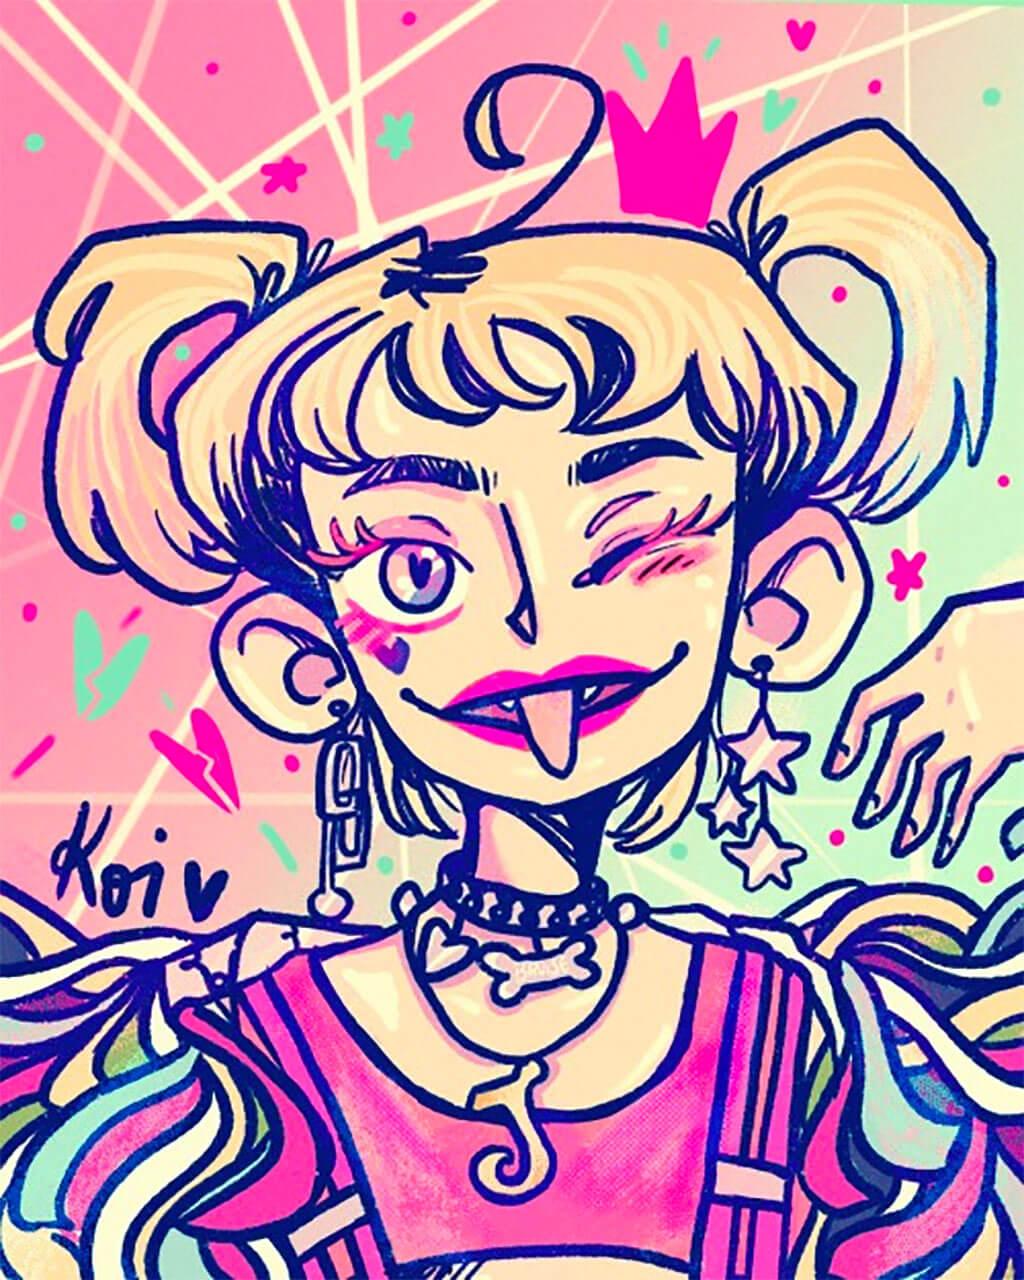 Harley Quinn Fan Art by Grace Berrios